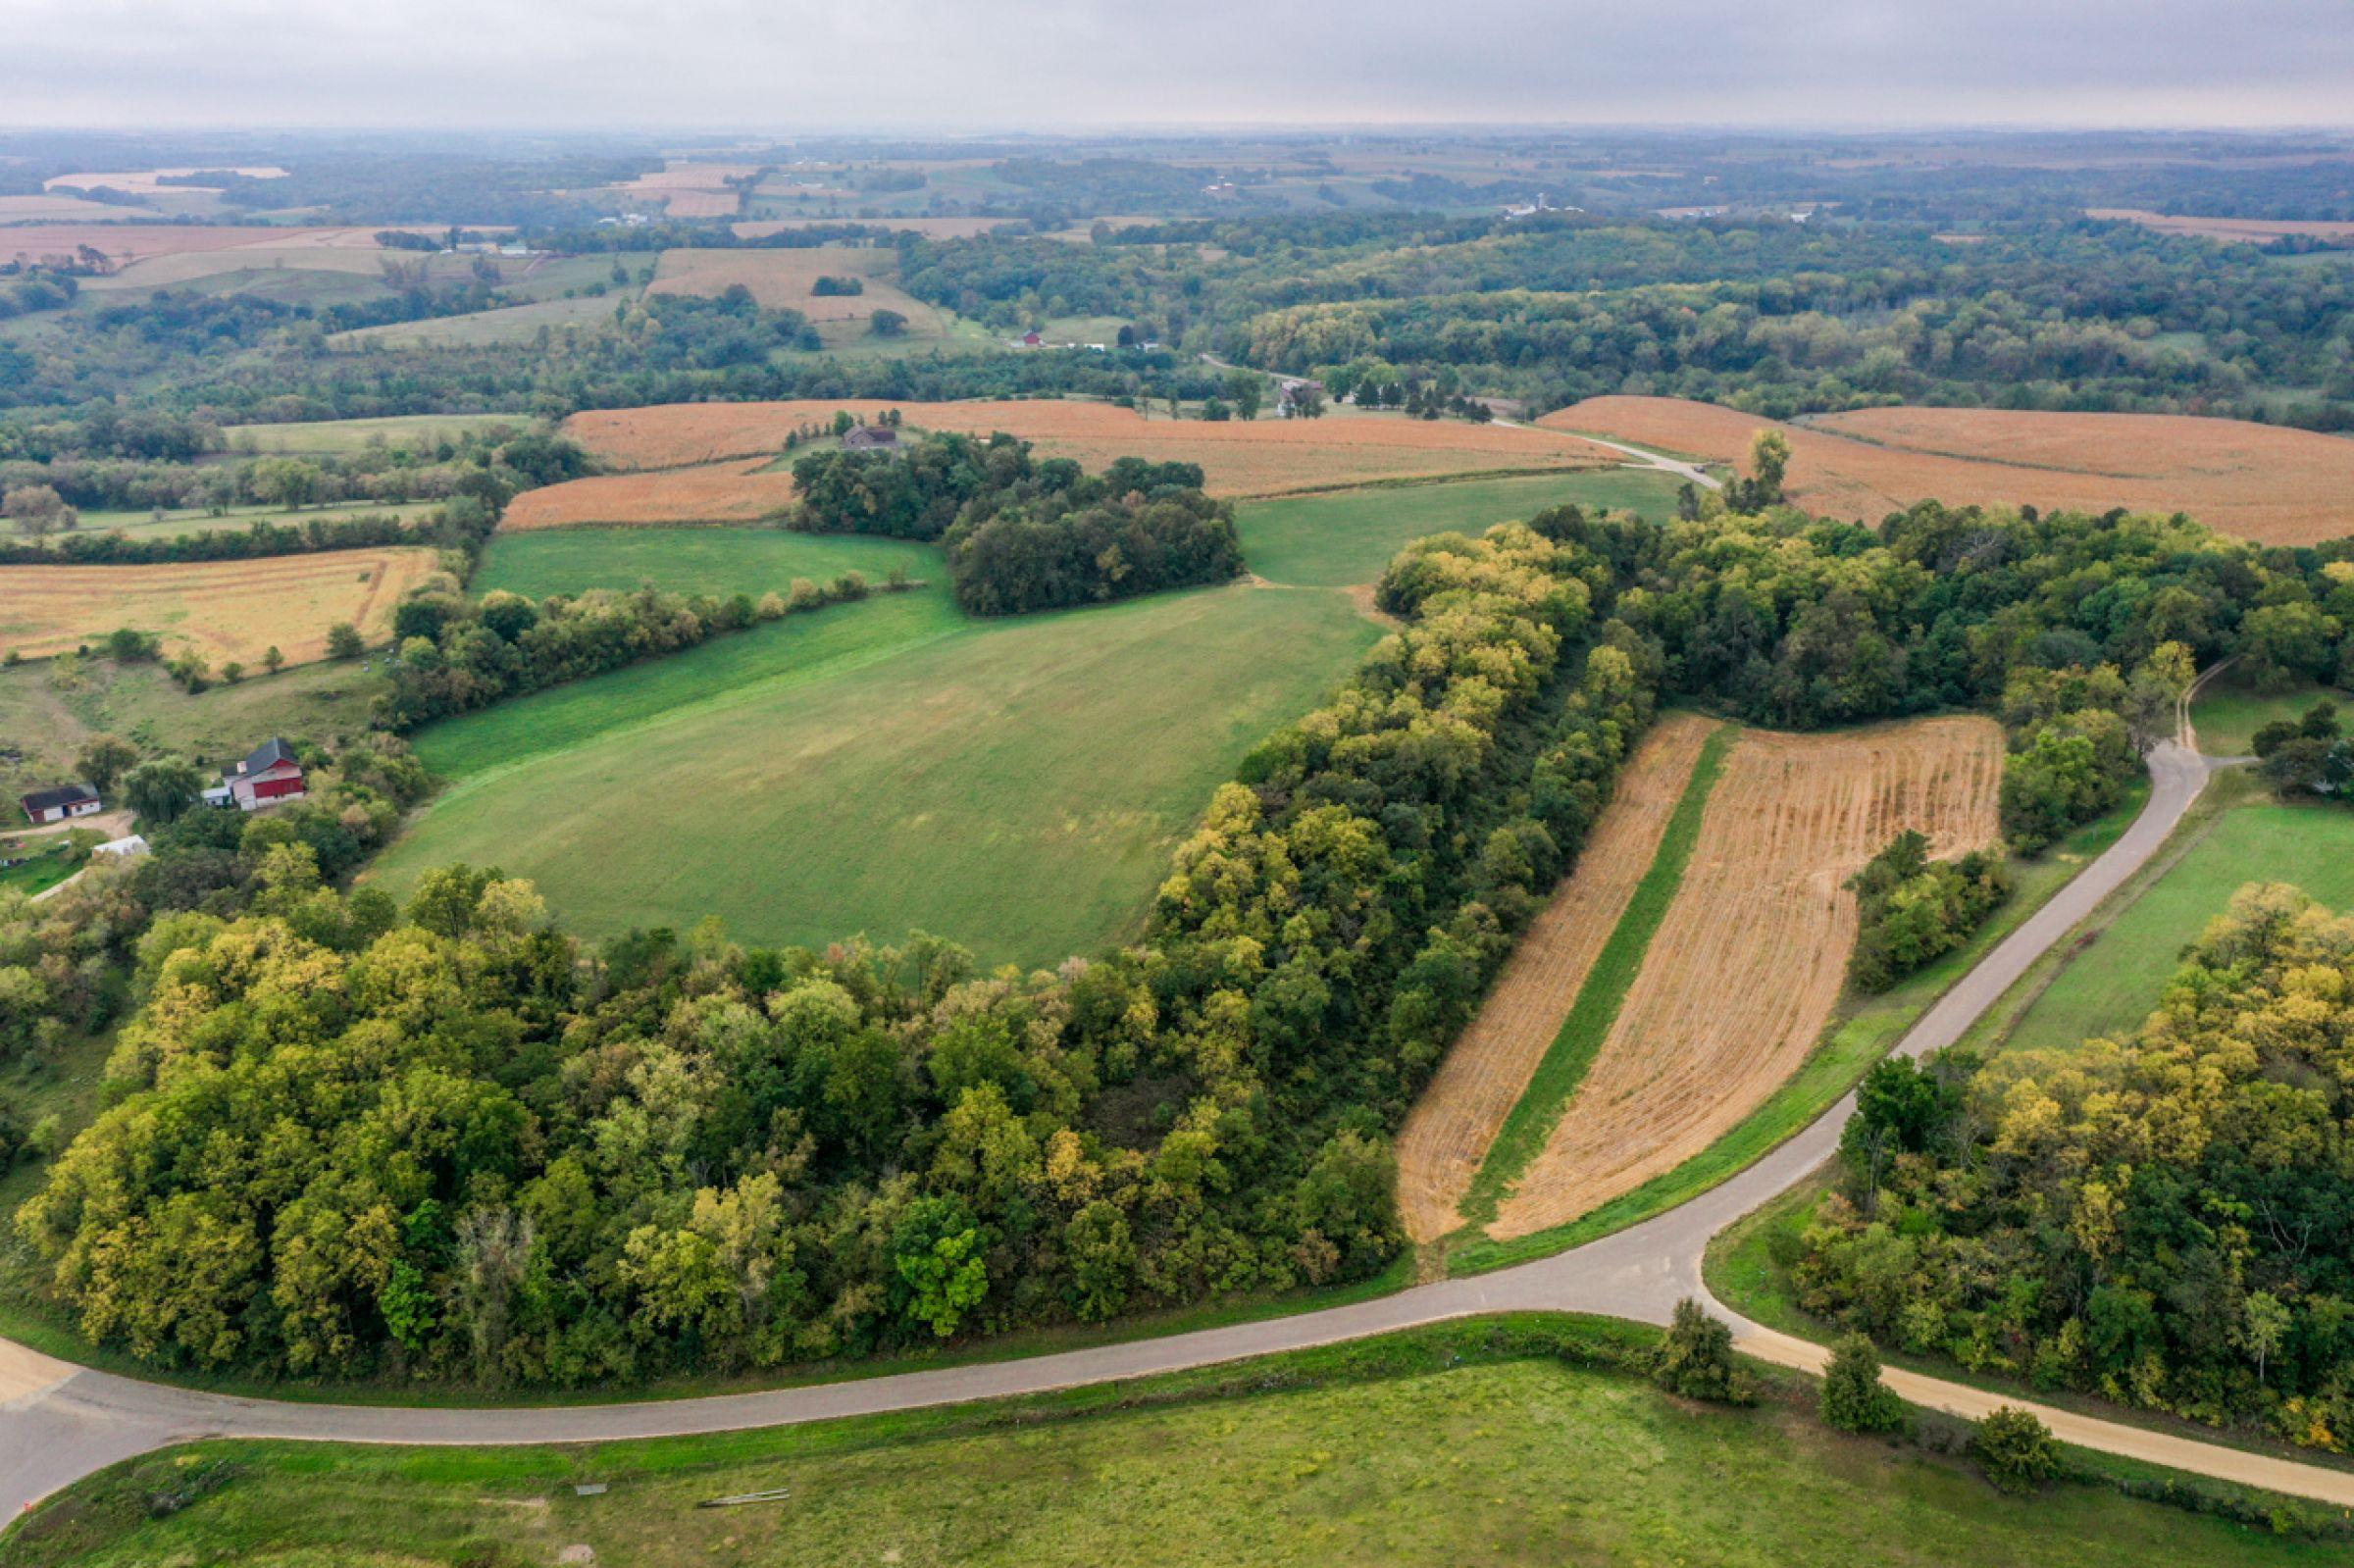 3-3320-apple-grove-church-road-argyle-53504-7-2021-09-21-154630.jpg